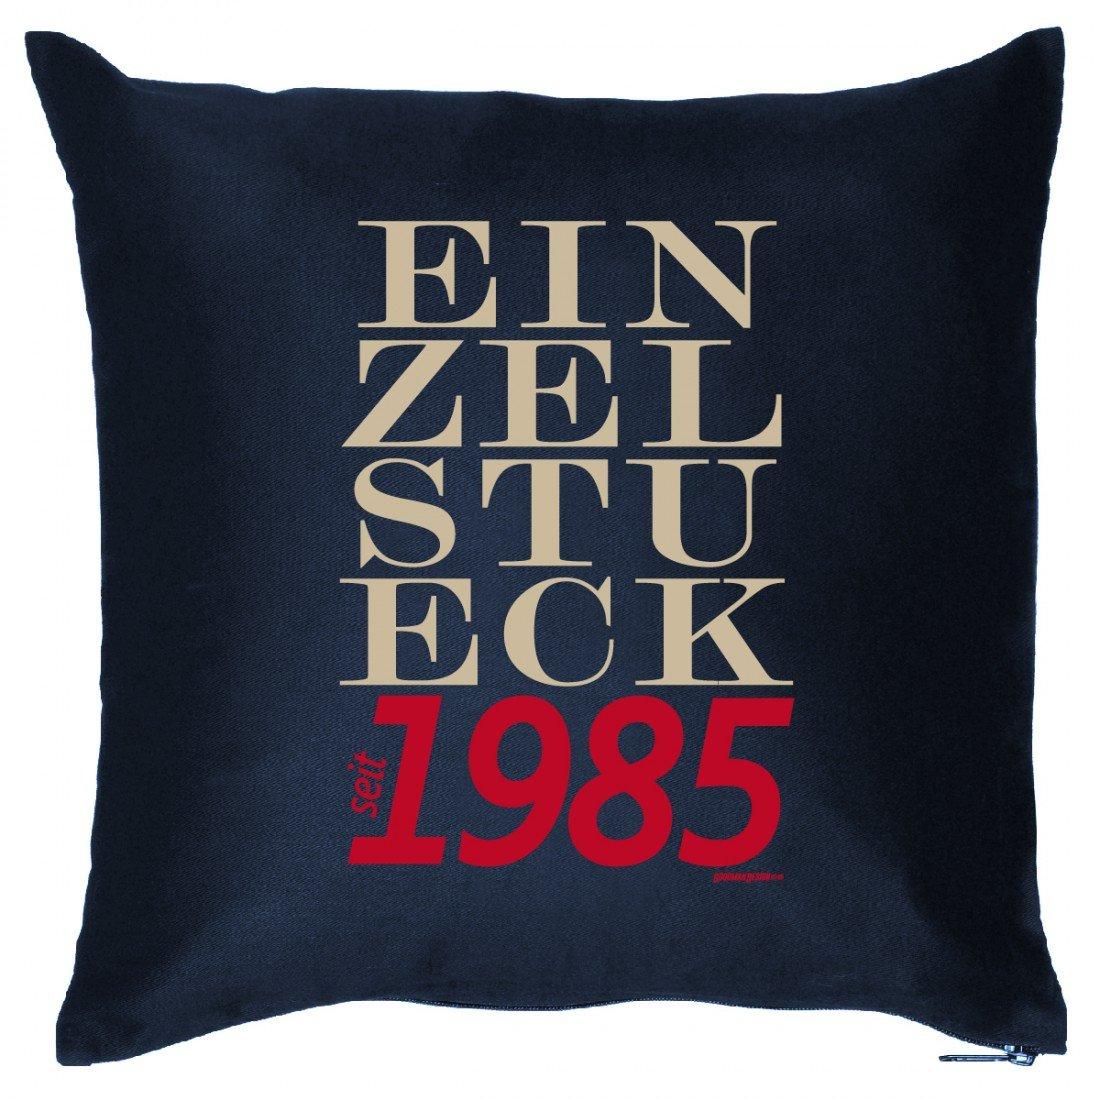 Couch Kissen mit Jahrgang zum Geburtstag - Einzelstück seit 1985 - Sofakissen Wendekissen mit Spruch und Humor